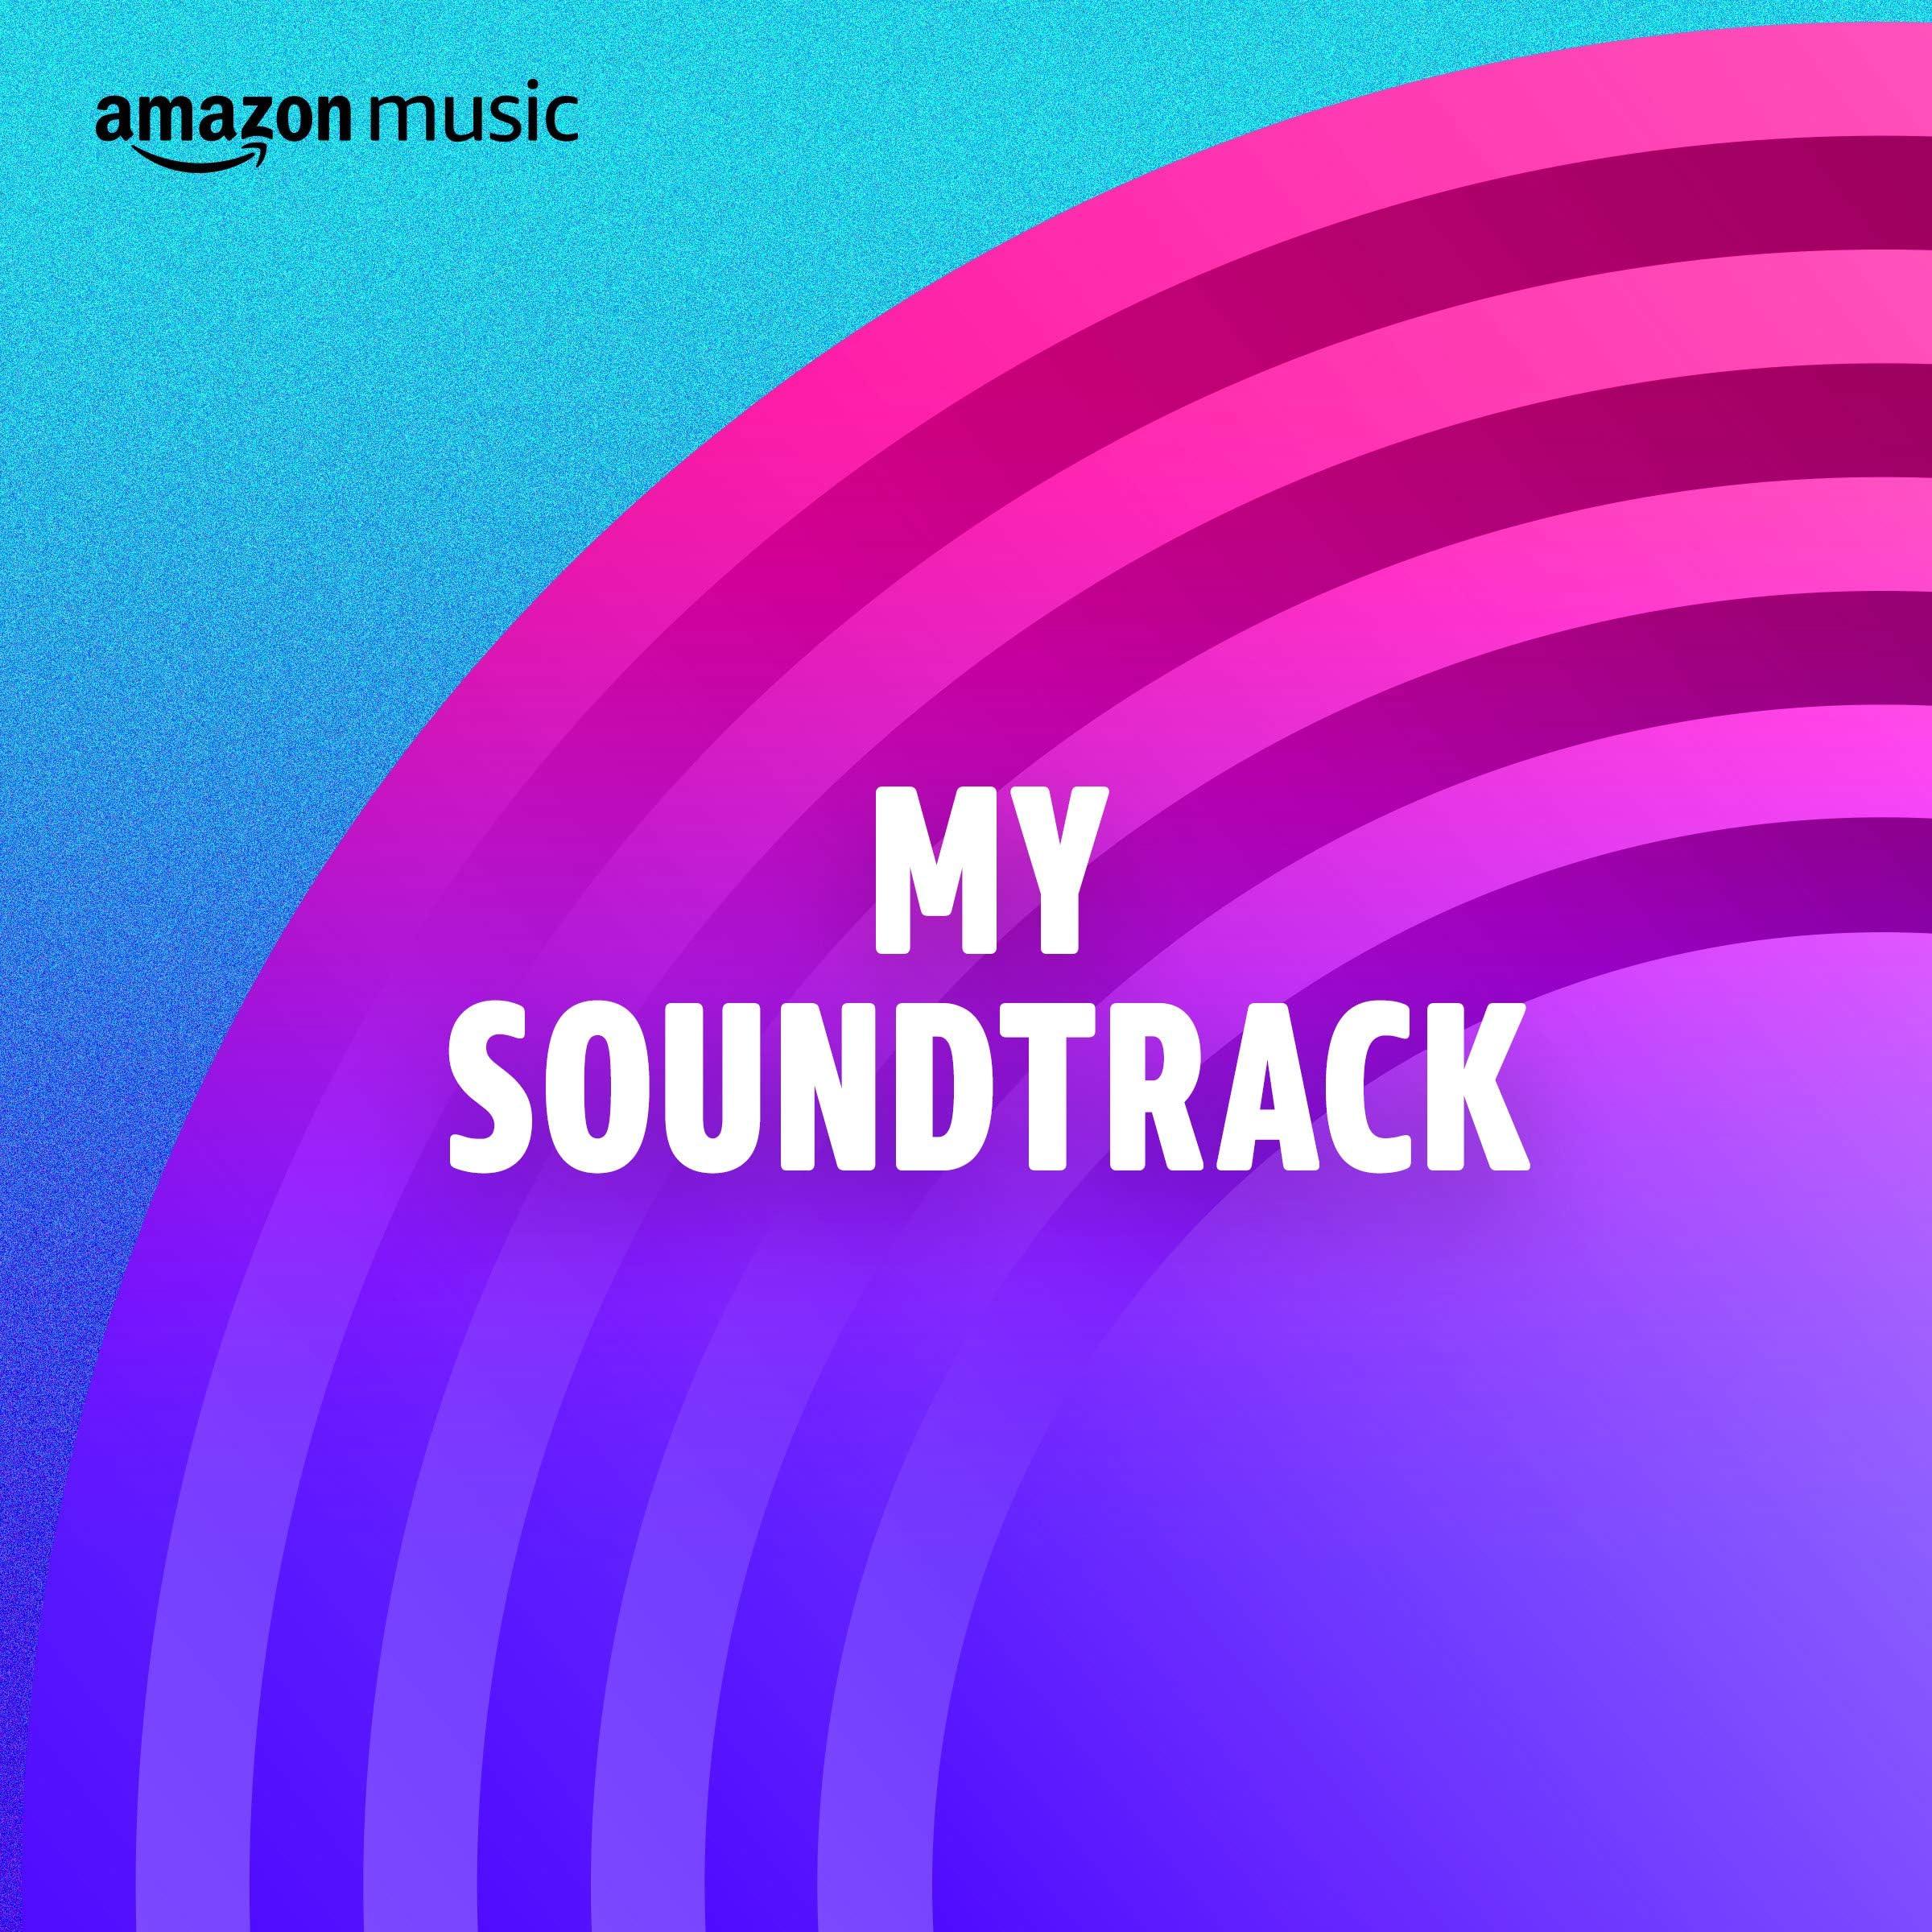 My Soundtrack